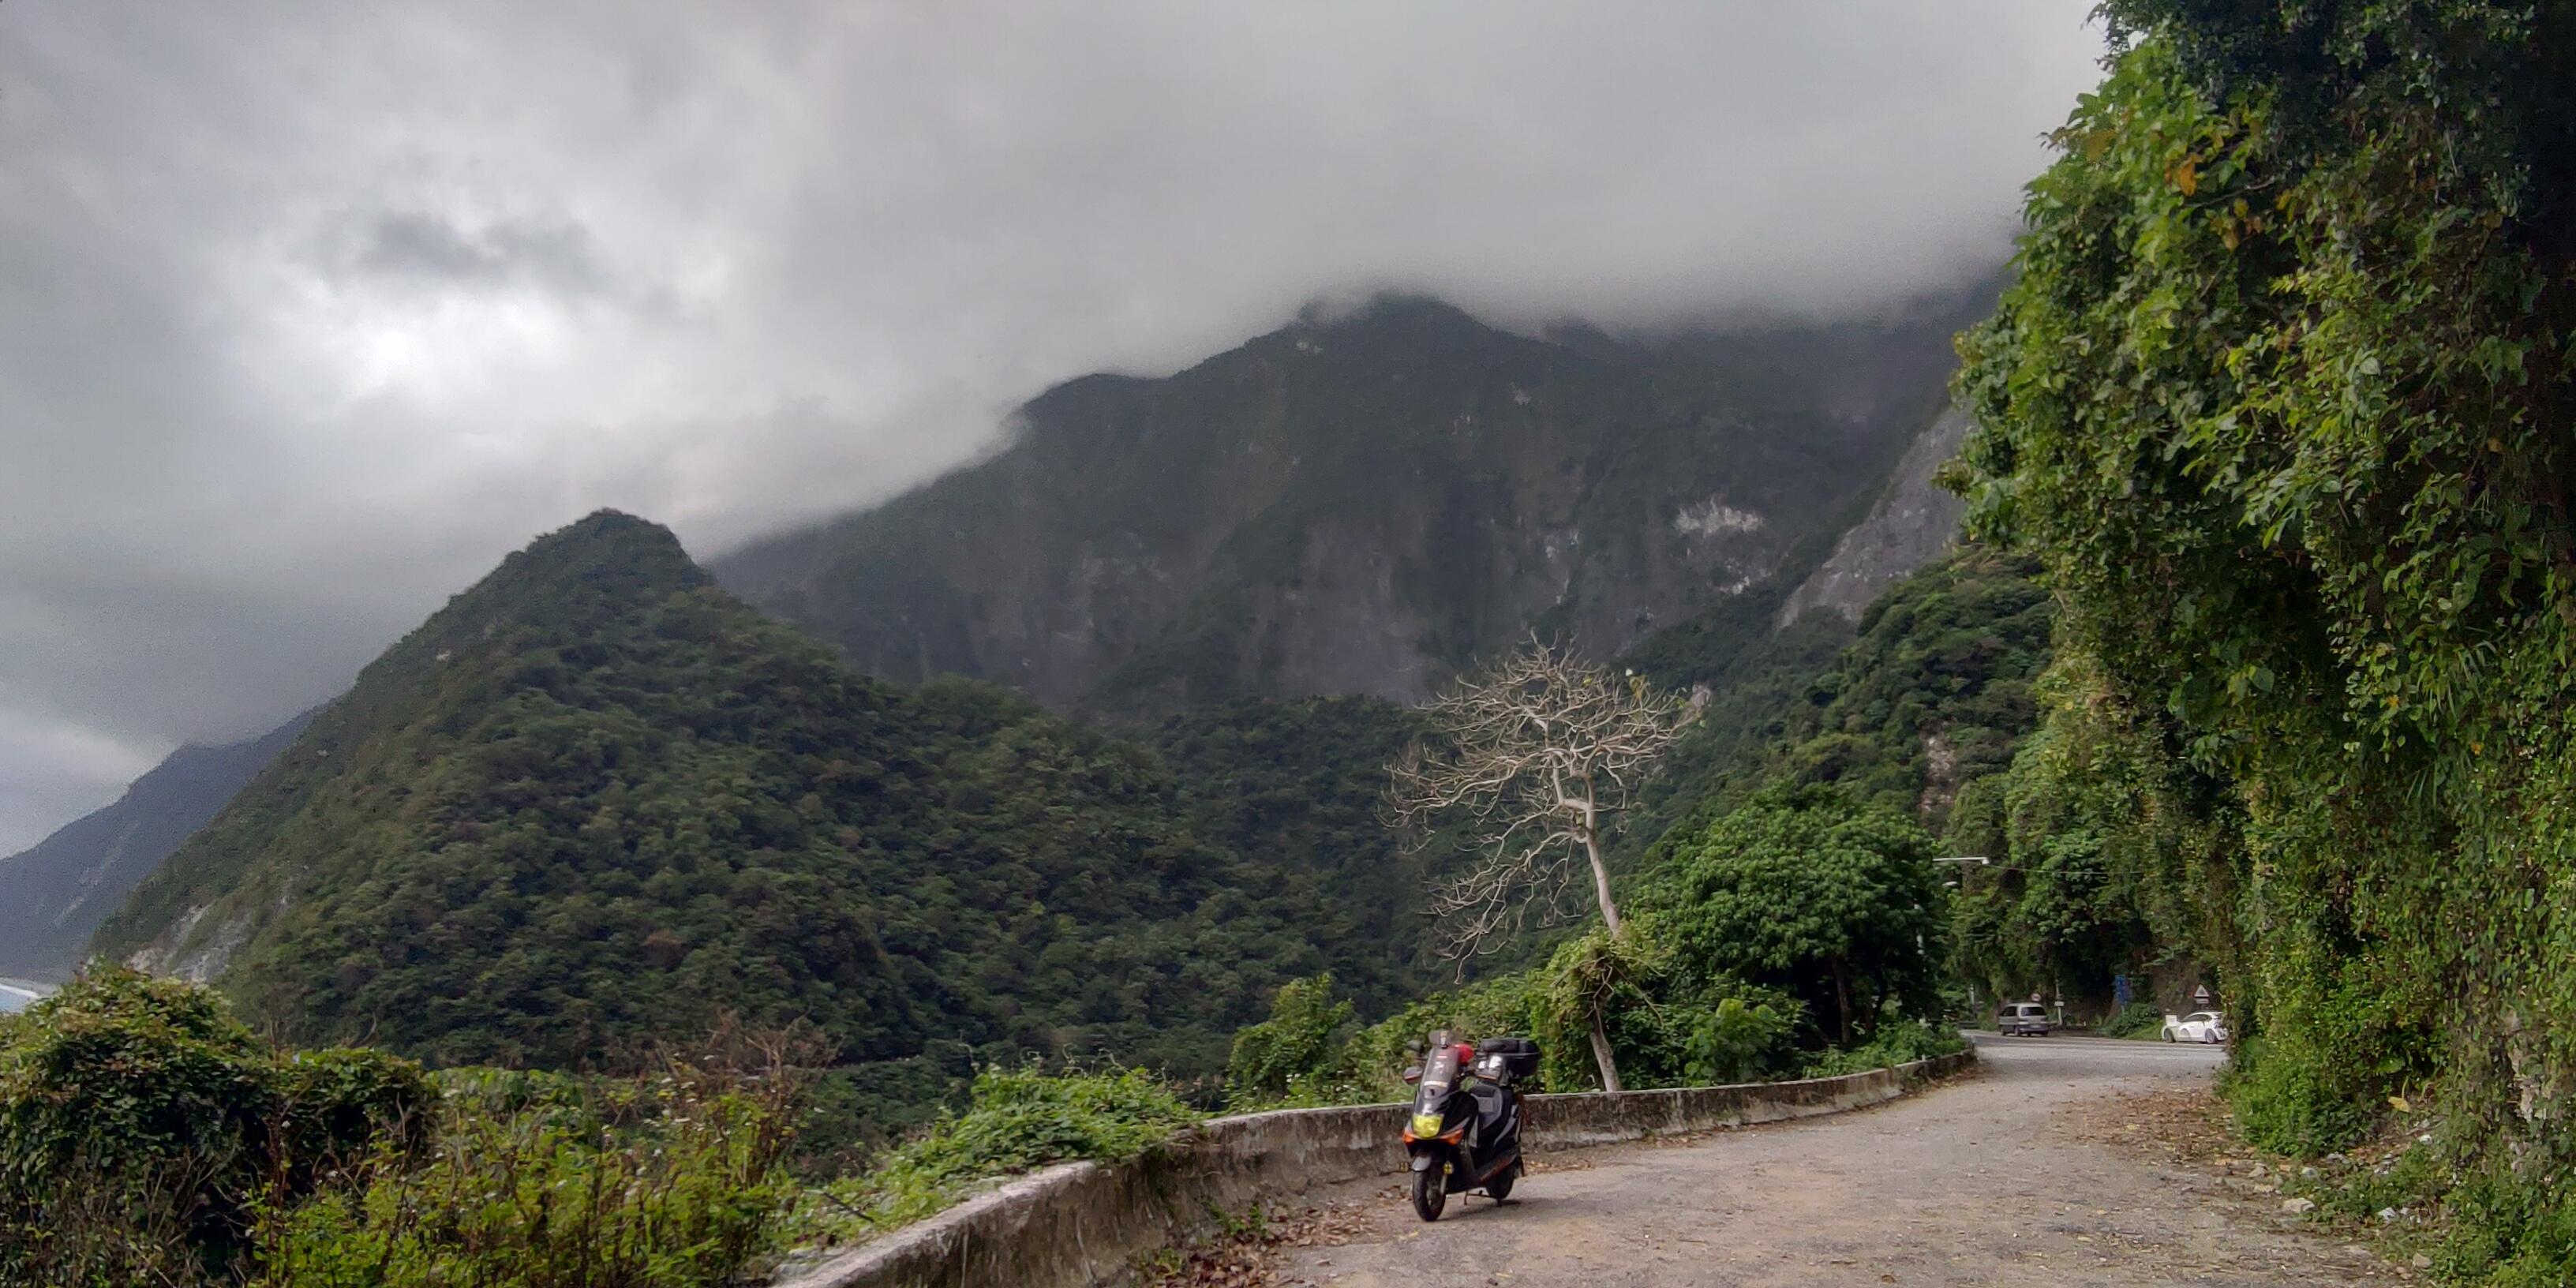 5th 走!去騎摩托車吧!六天五夜山海奇行環島之旅2447